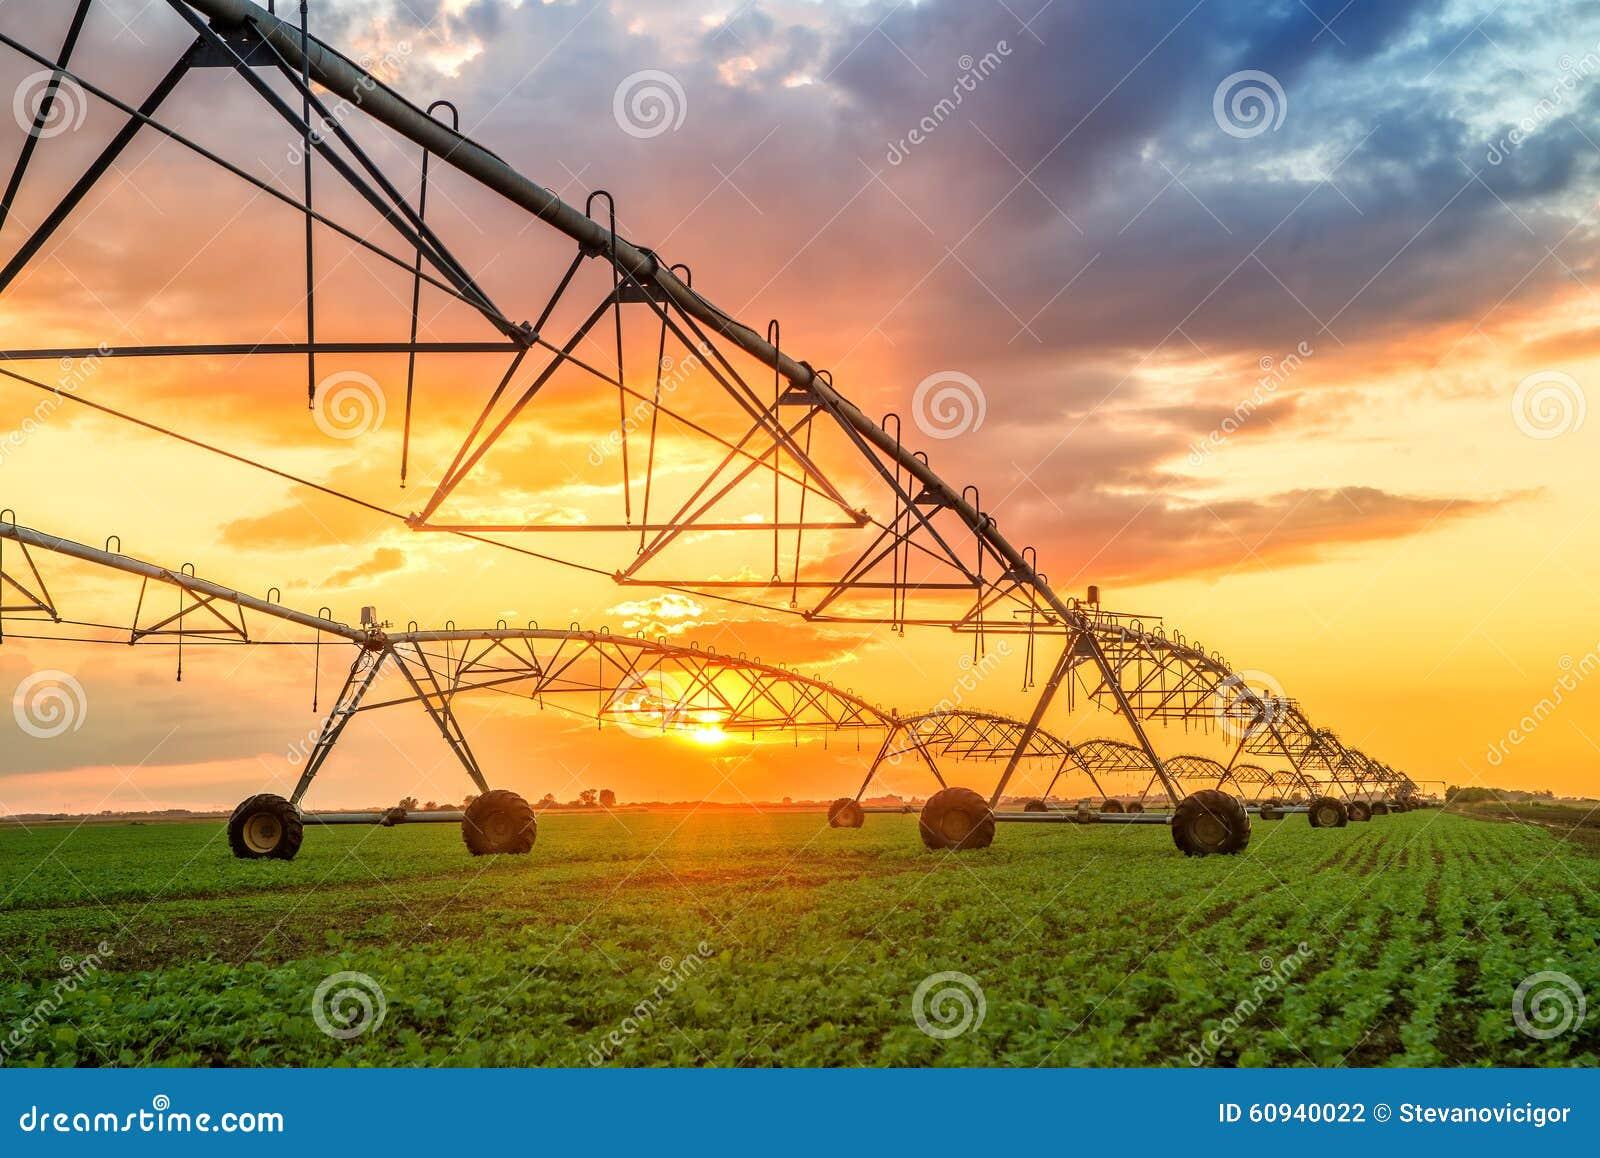 Automatiserat lantbrukbevattningsystem i solnedgång